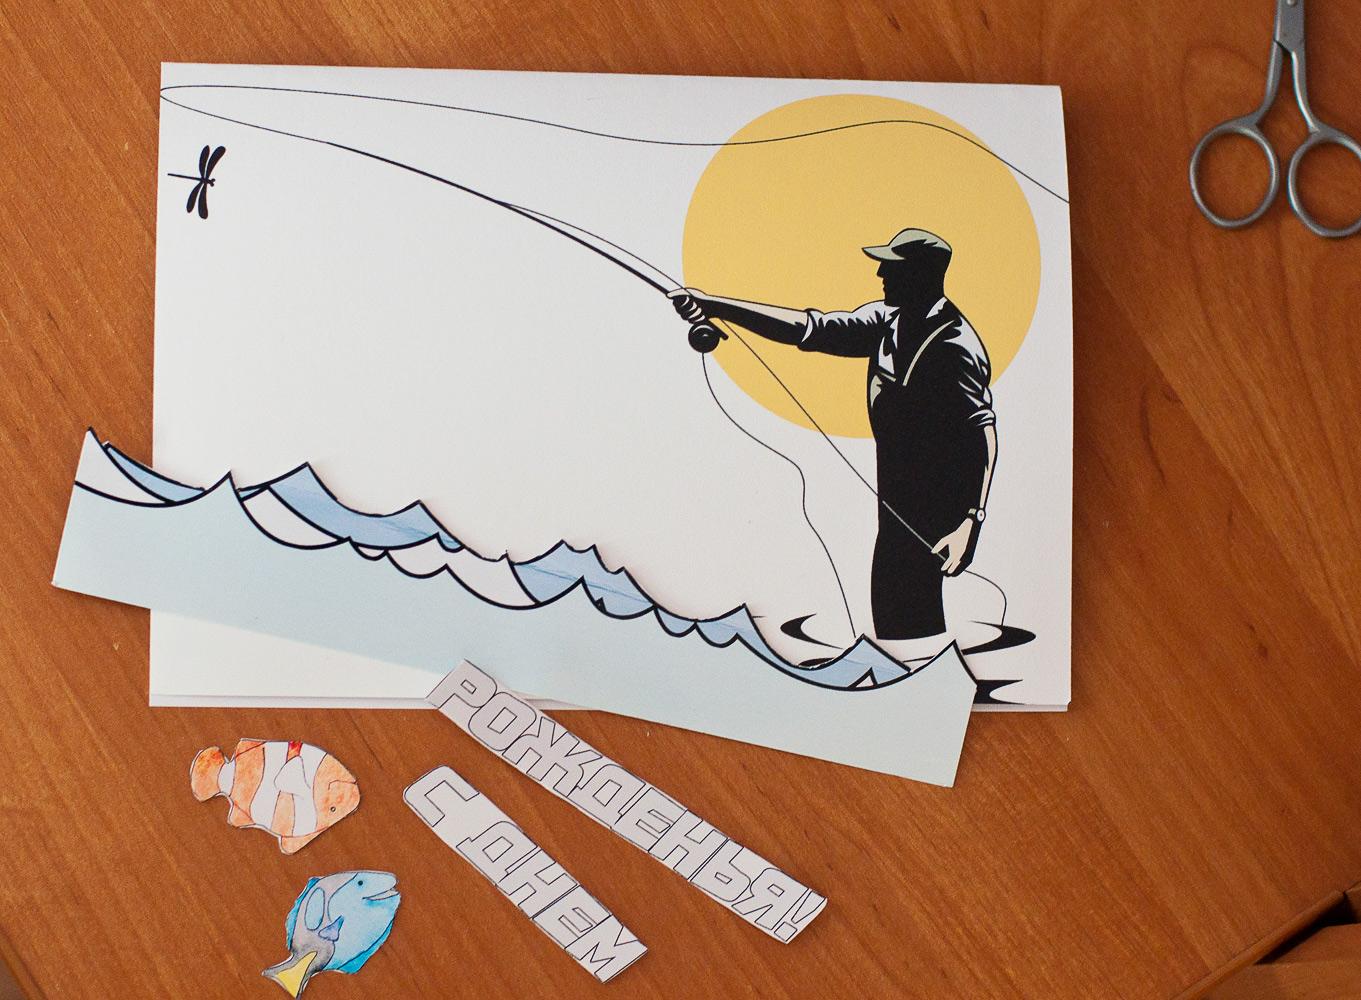 Прикольные картинки про рыбаков (46 фото) Прикольные картинки и юмор 77